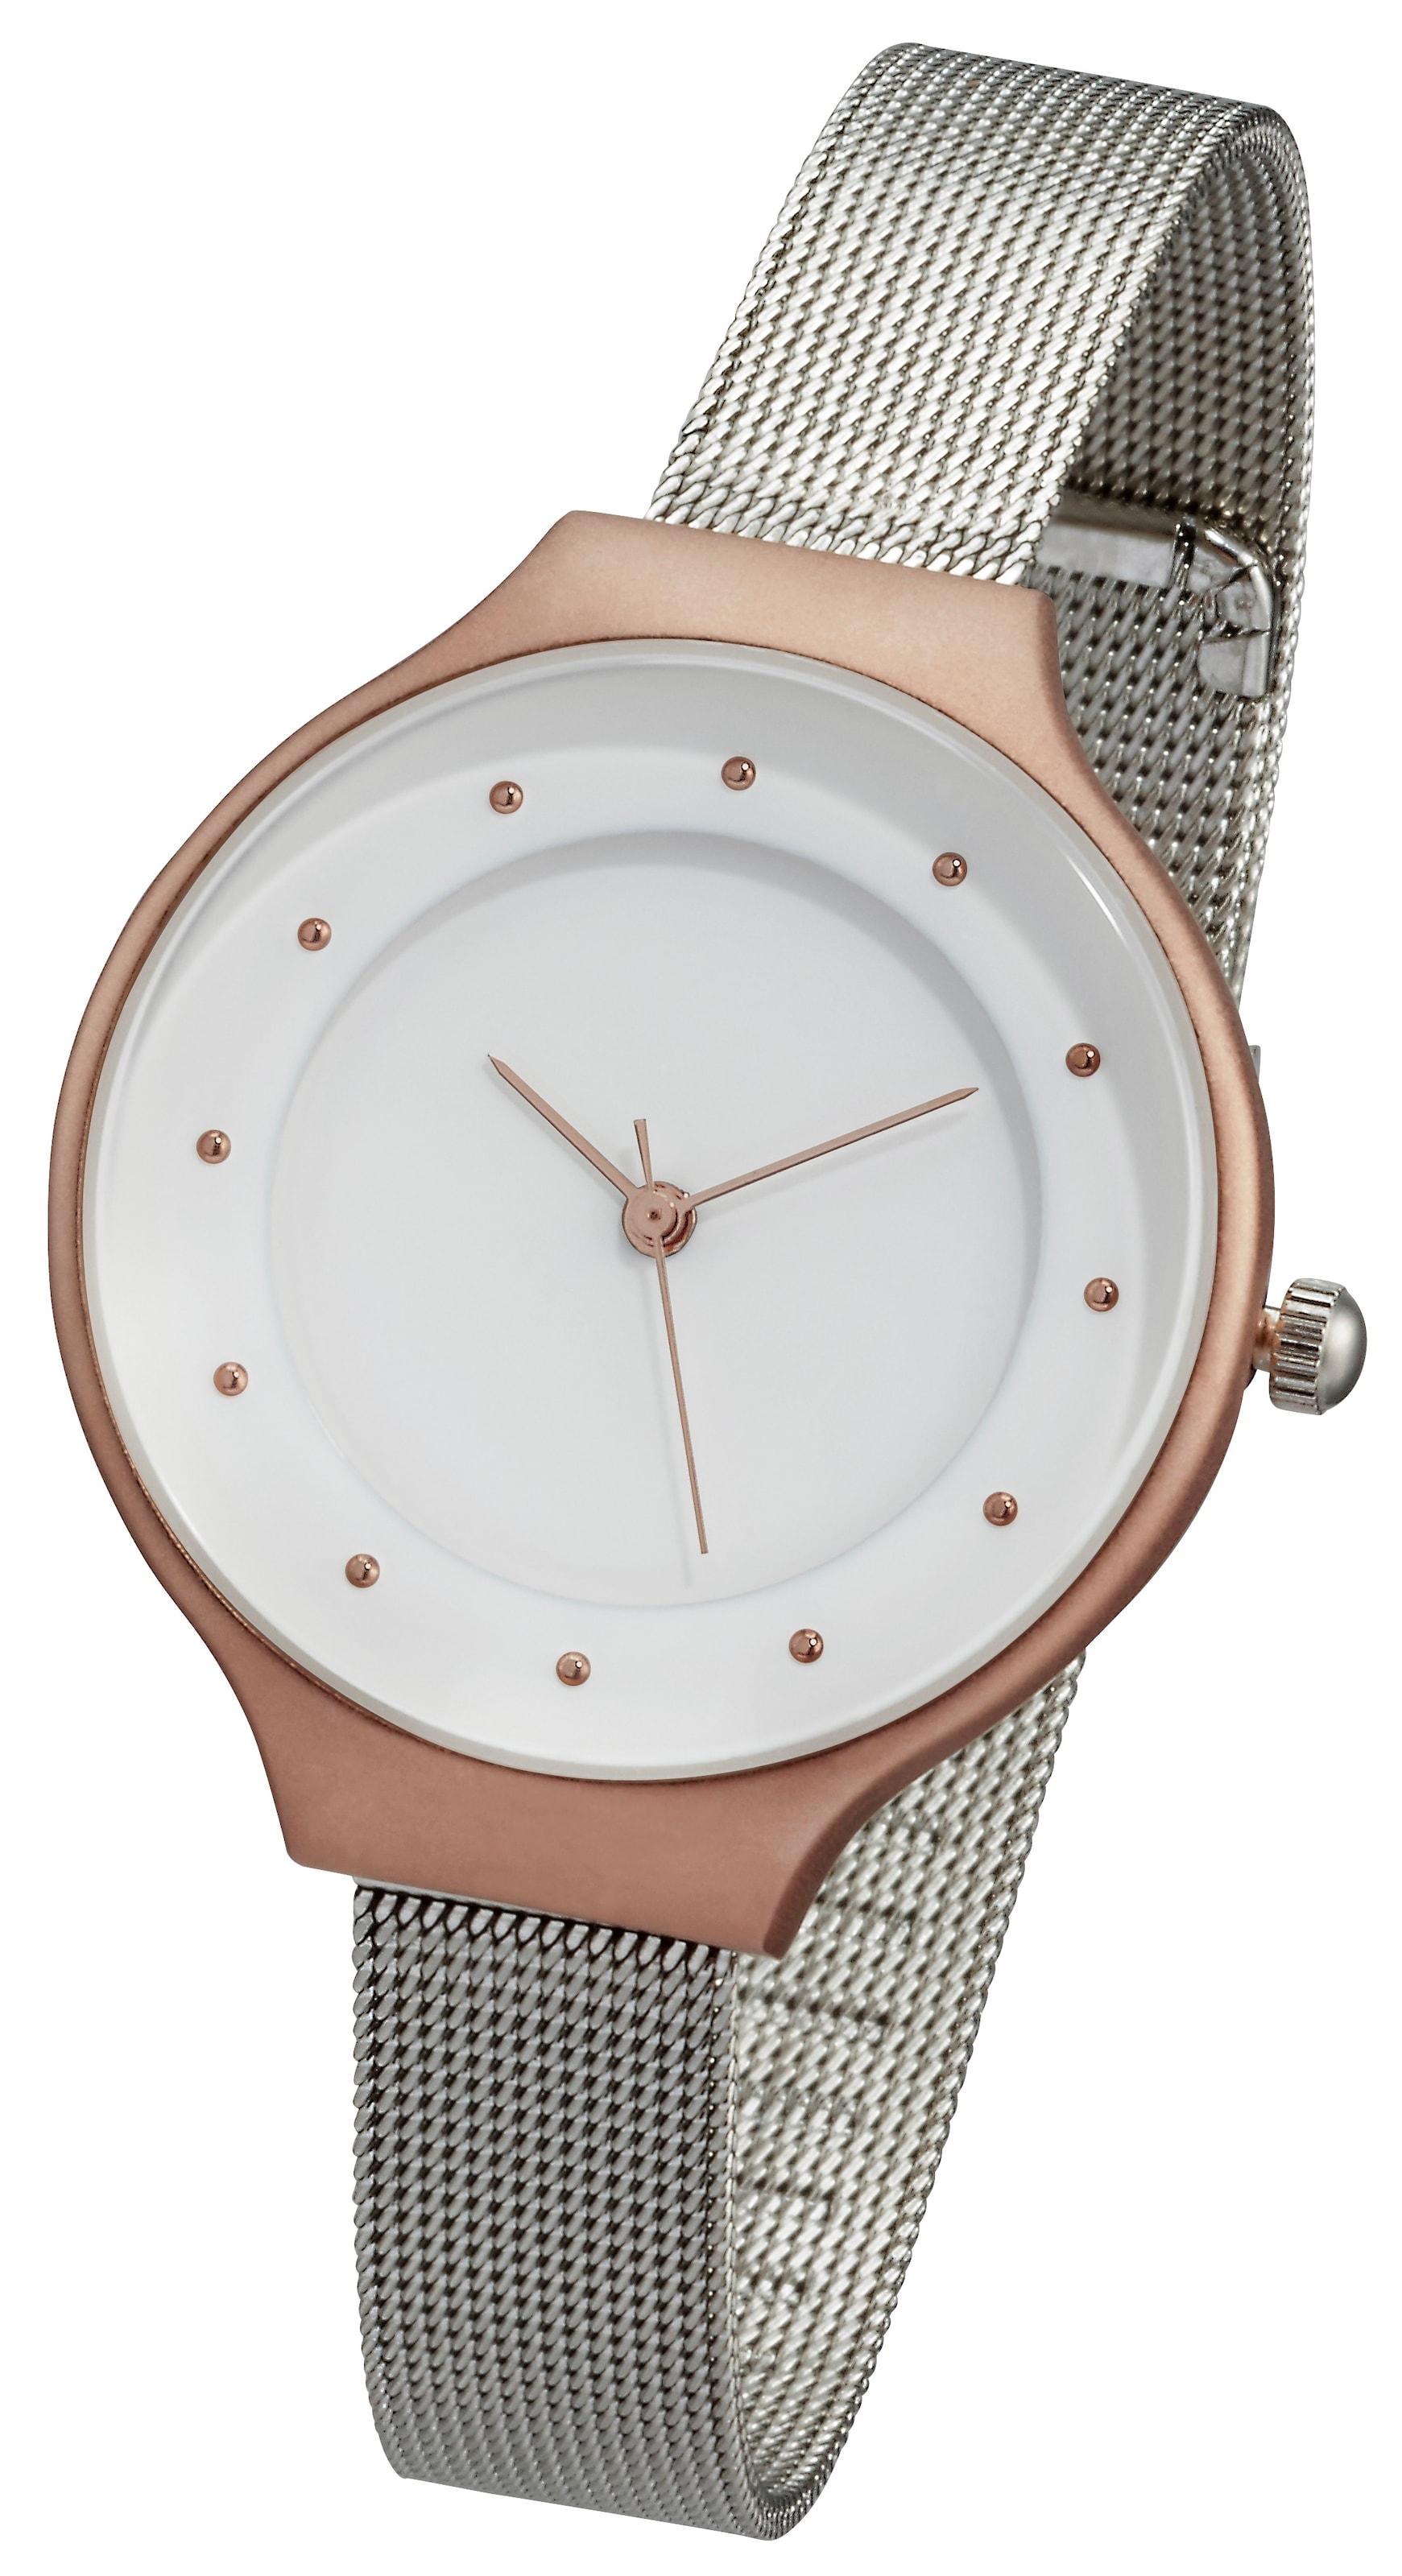 Verkauf Echt Online-Shopping-Spielraum heine Armbanduhr Steckdose Authentisch Rabatt Erkunden anZkQsC